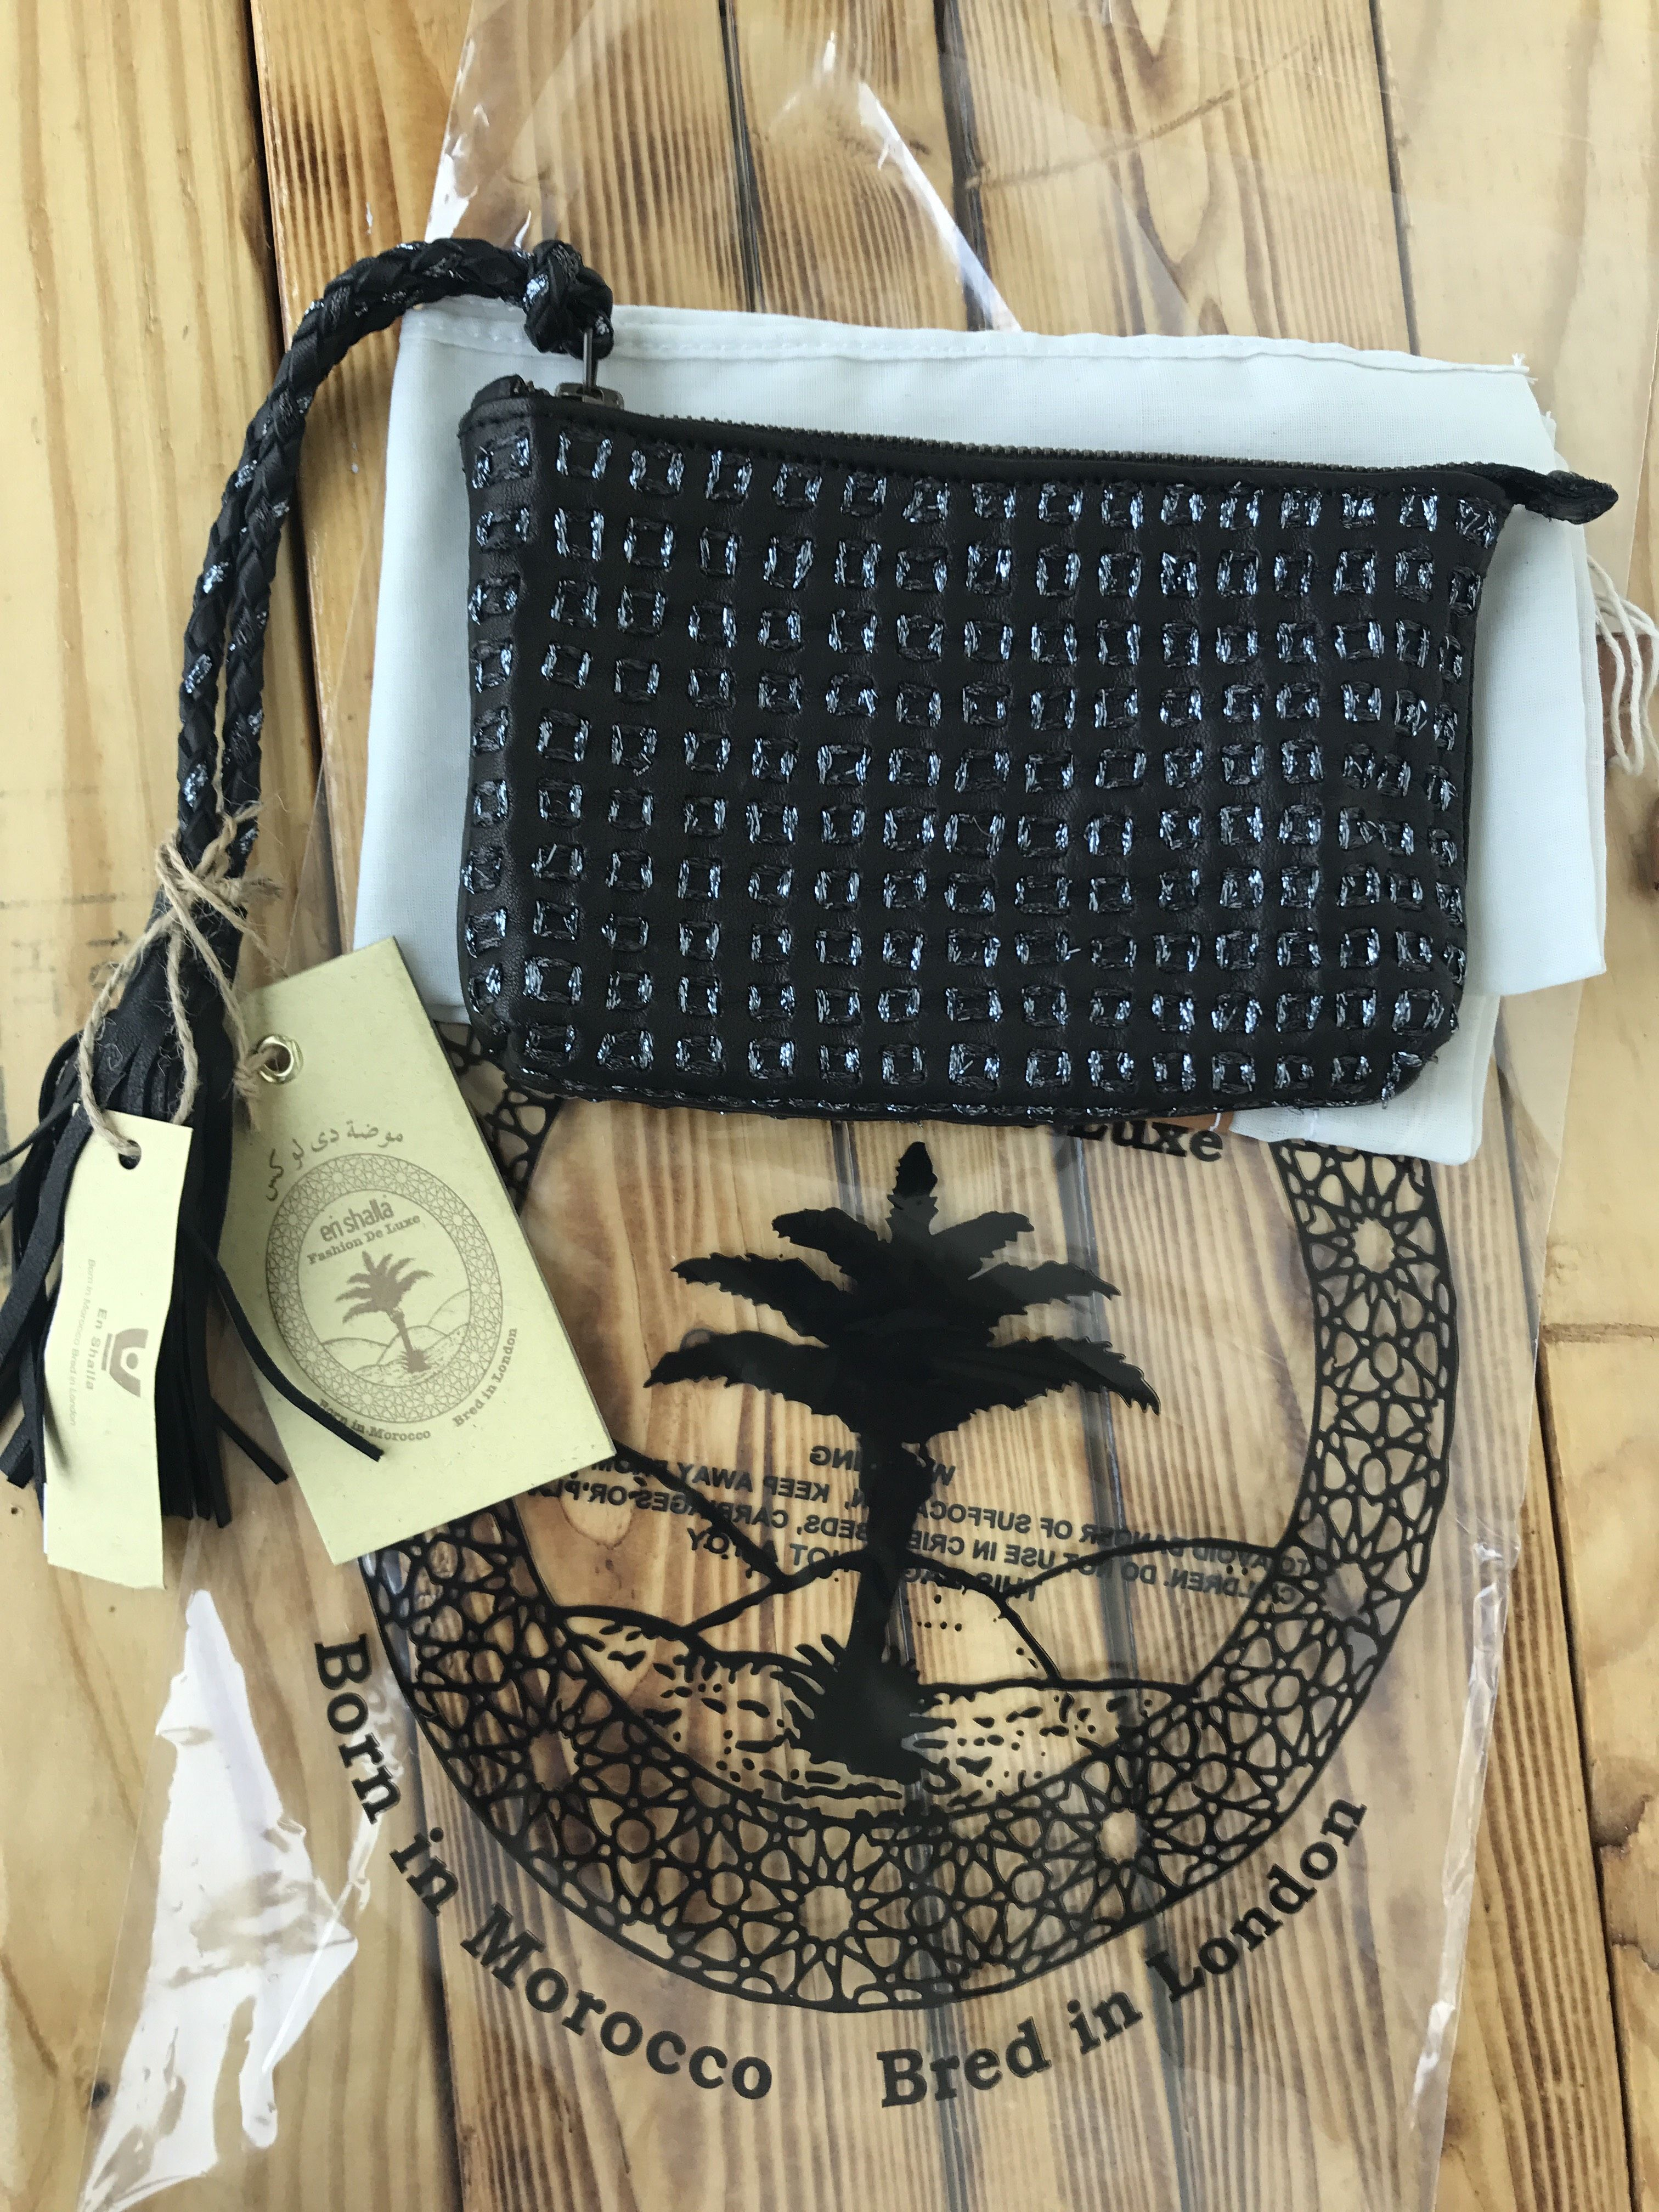 엔샬라가방:모로코에서 태어나고 영국브랜드. 정통 프린지가방의 대명사 모로칸 엔샬라가방>>> boaofartbag.com,남자를 가슴 설레게하는 가방,보아가방,보아백,남심 저격가방,선물용가방